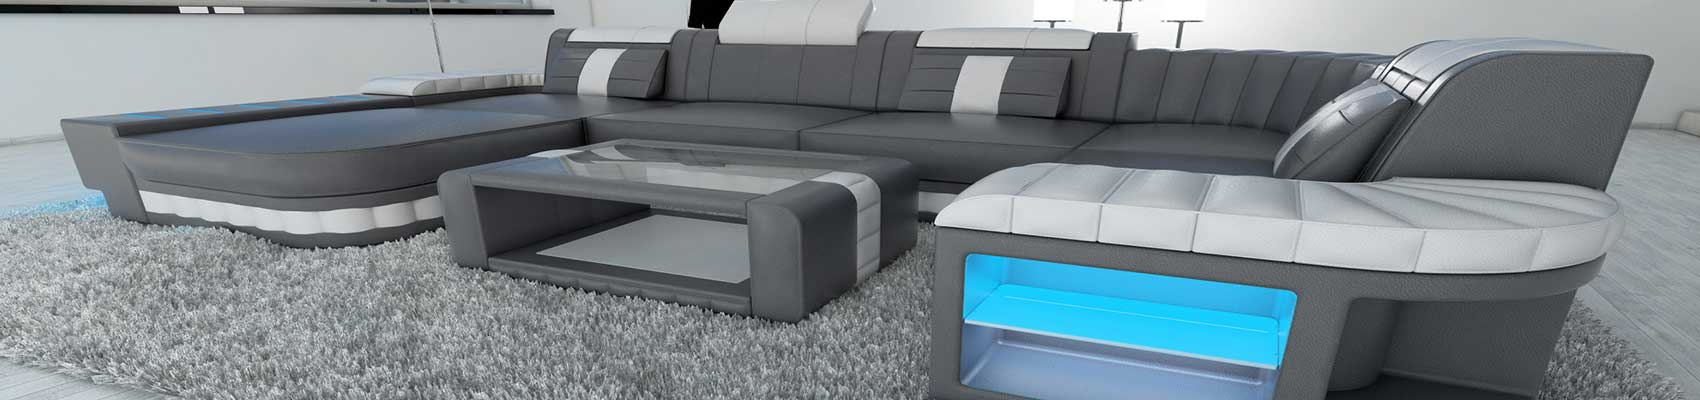 Store sektions sofaer i læder